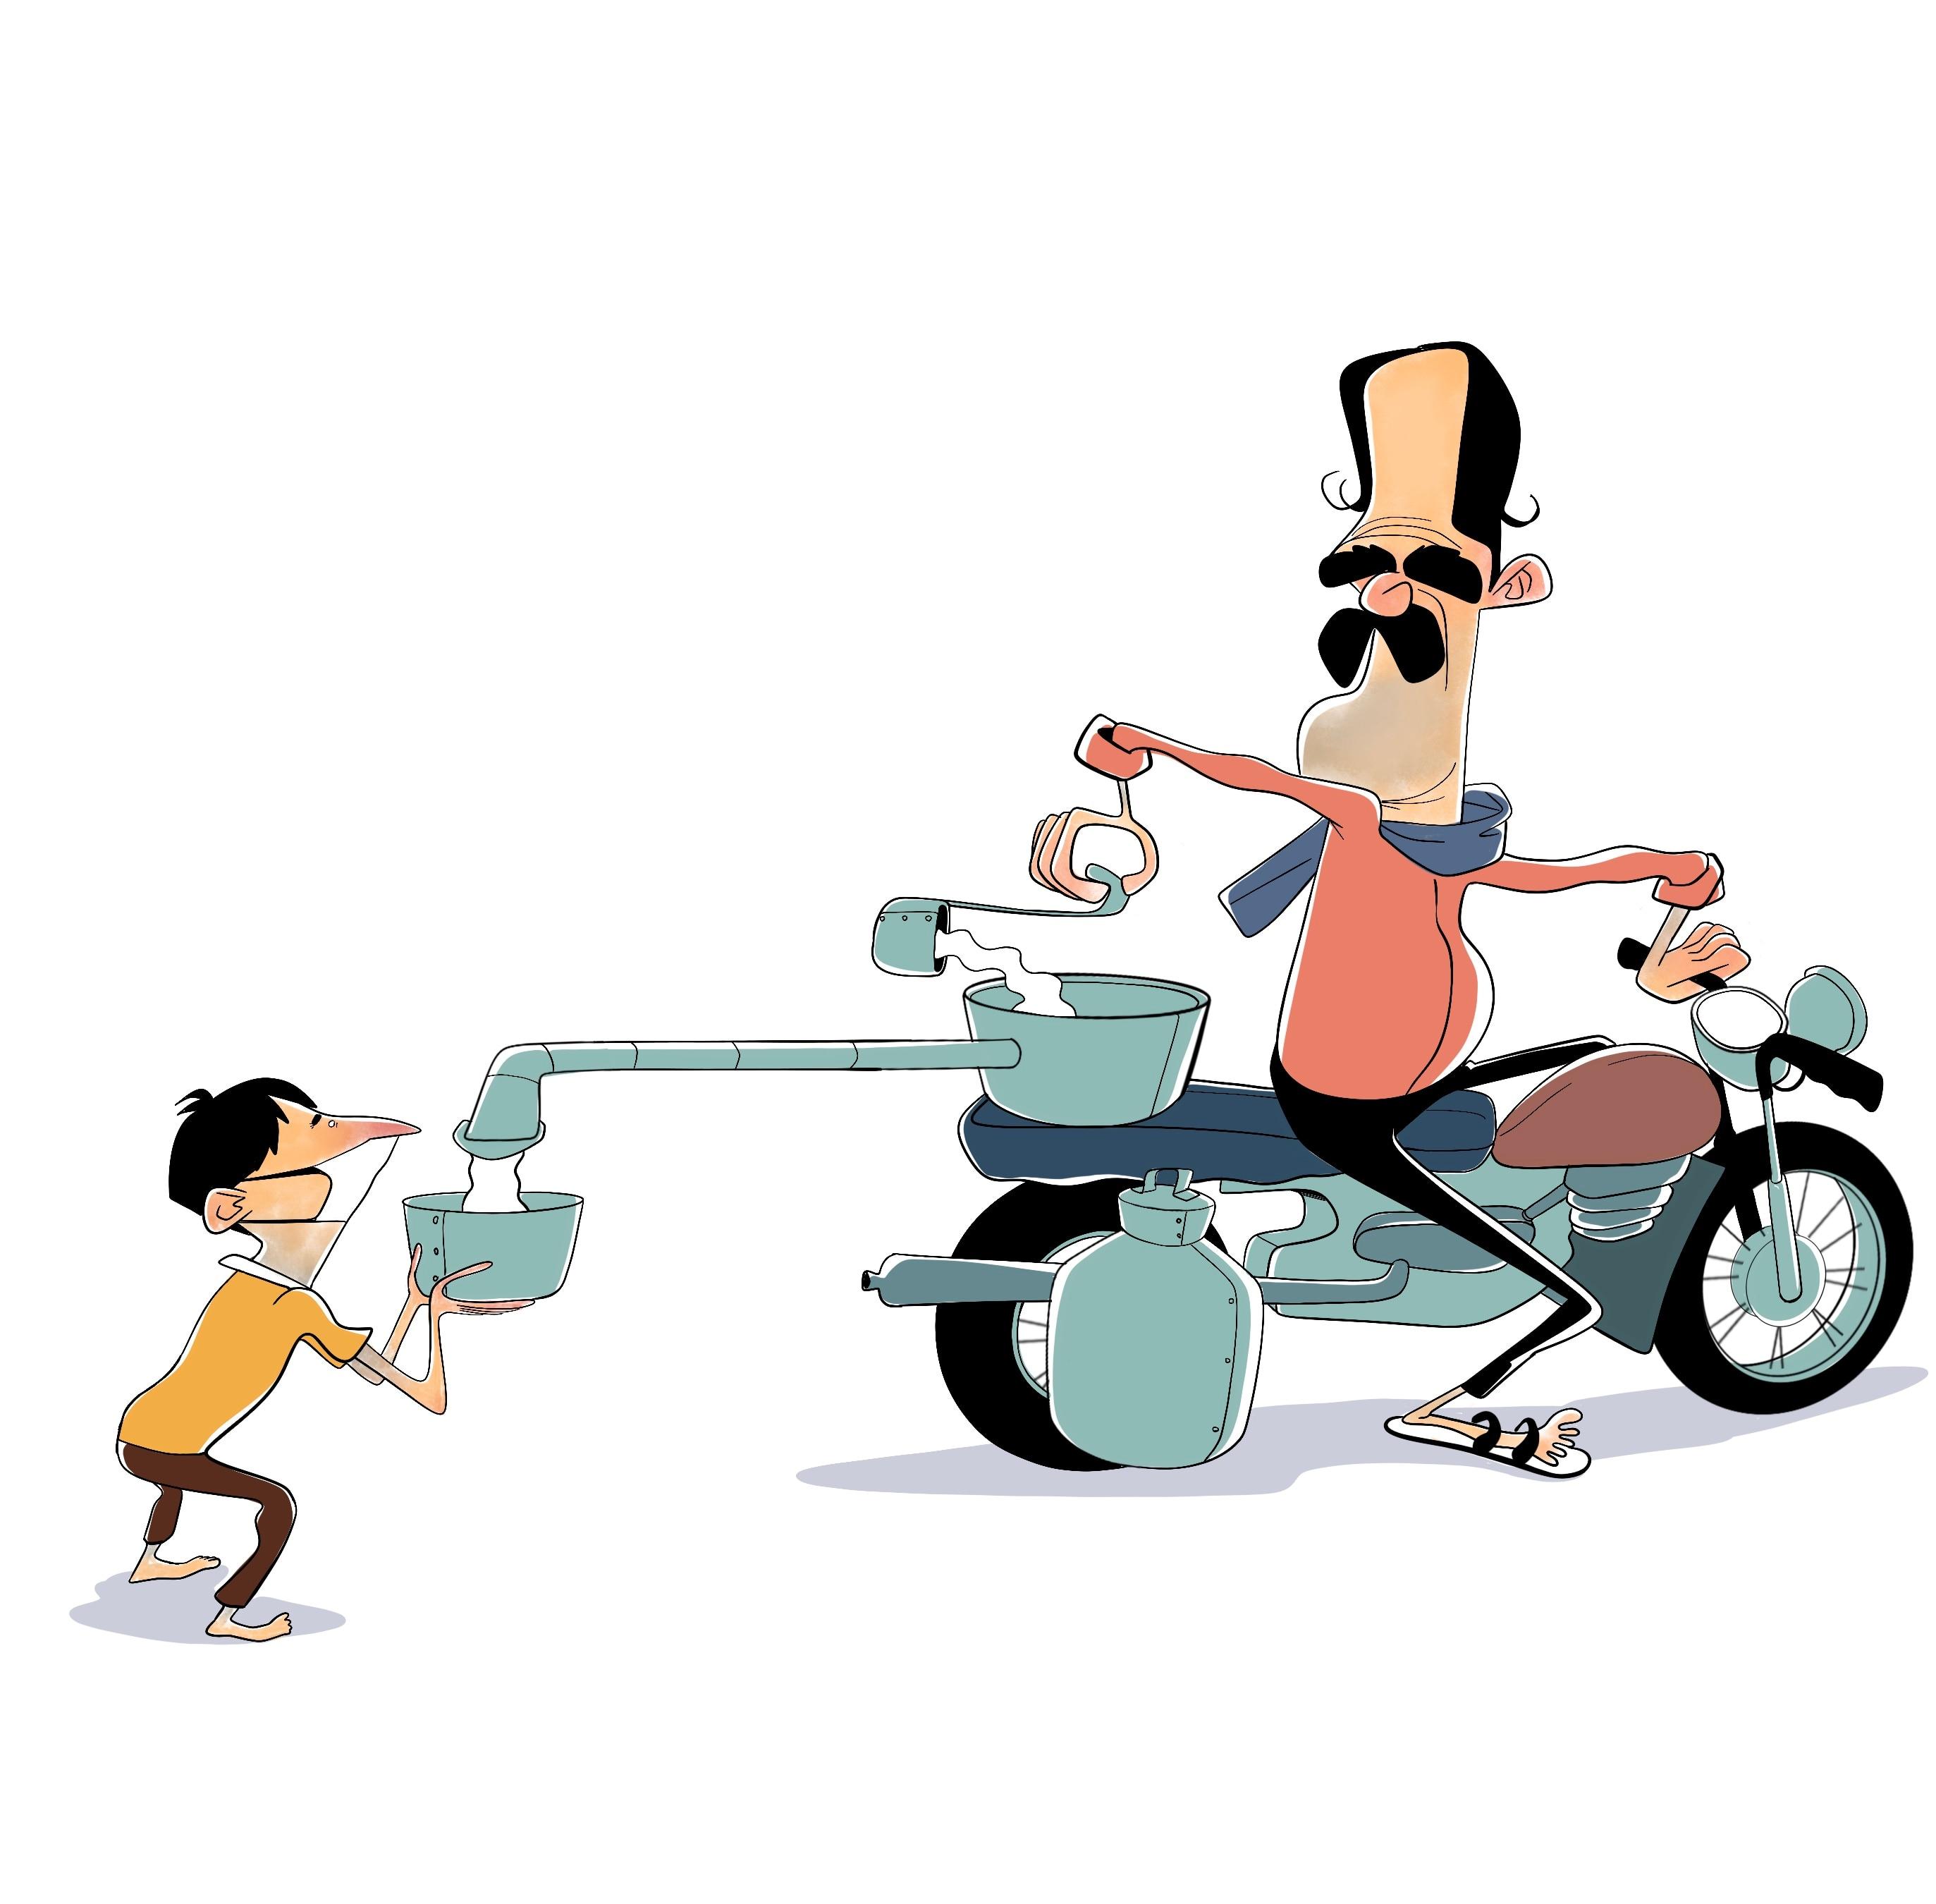 jugaad-milkman_090420044647.jpg